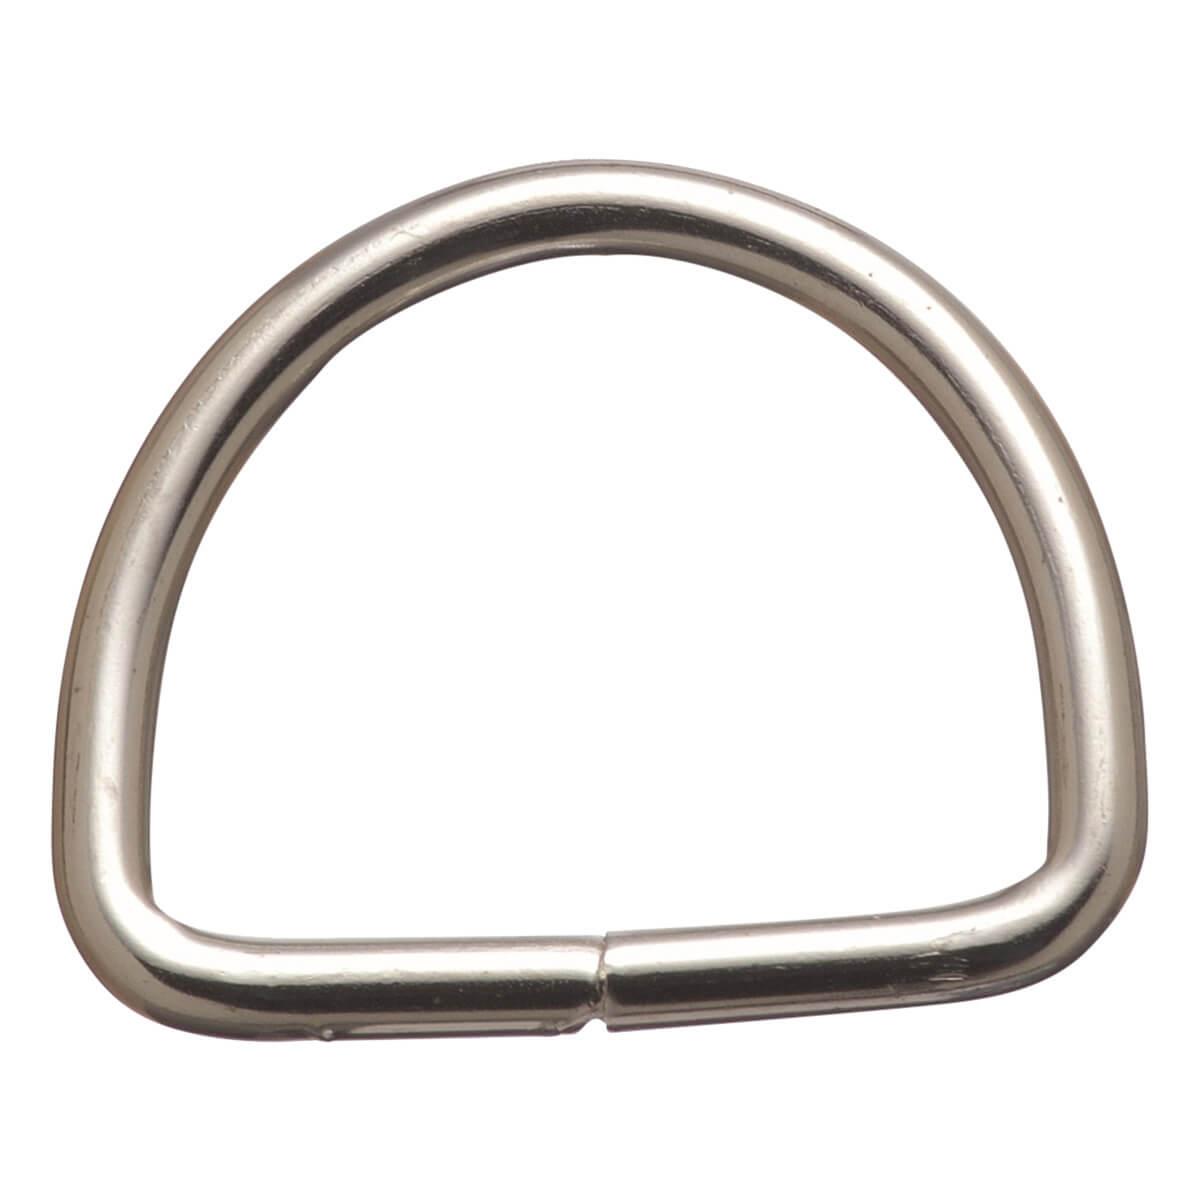 Welded Dee - Heavy Nickel Plated Steel - 2-in